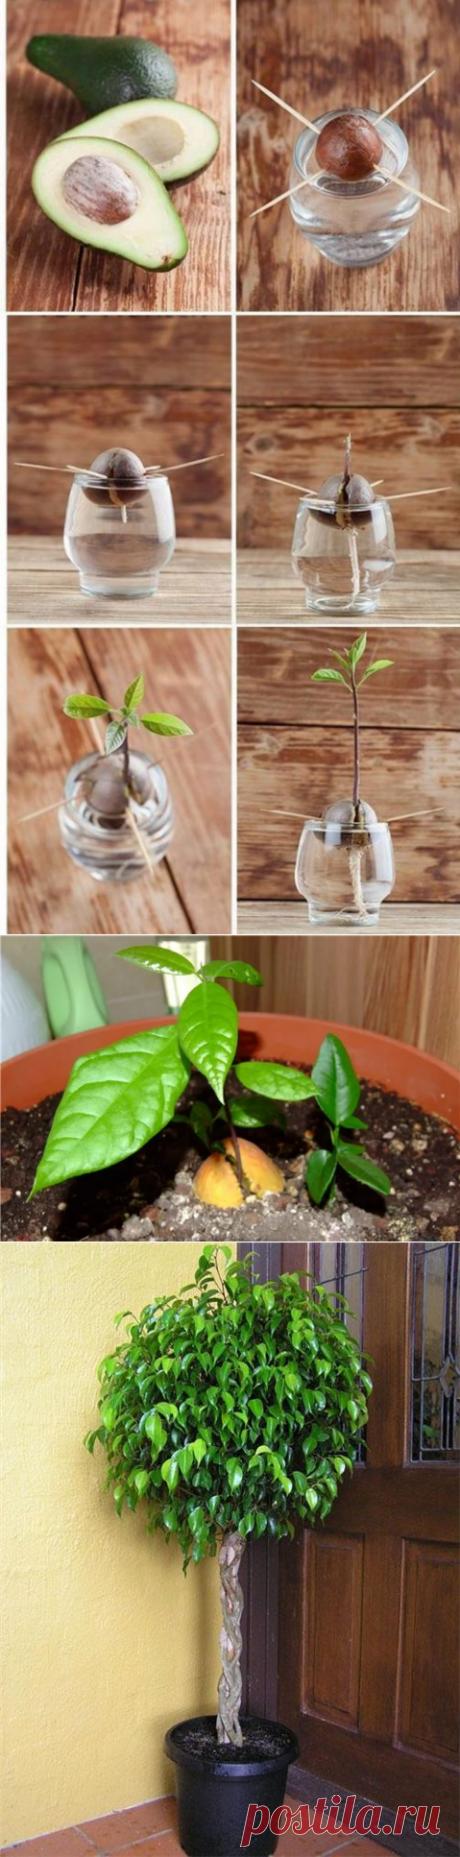 Как вырастить авокадо из косточки правильно, чтобы растение дало плоды